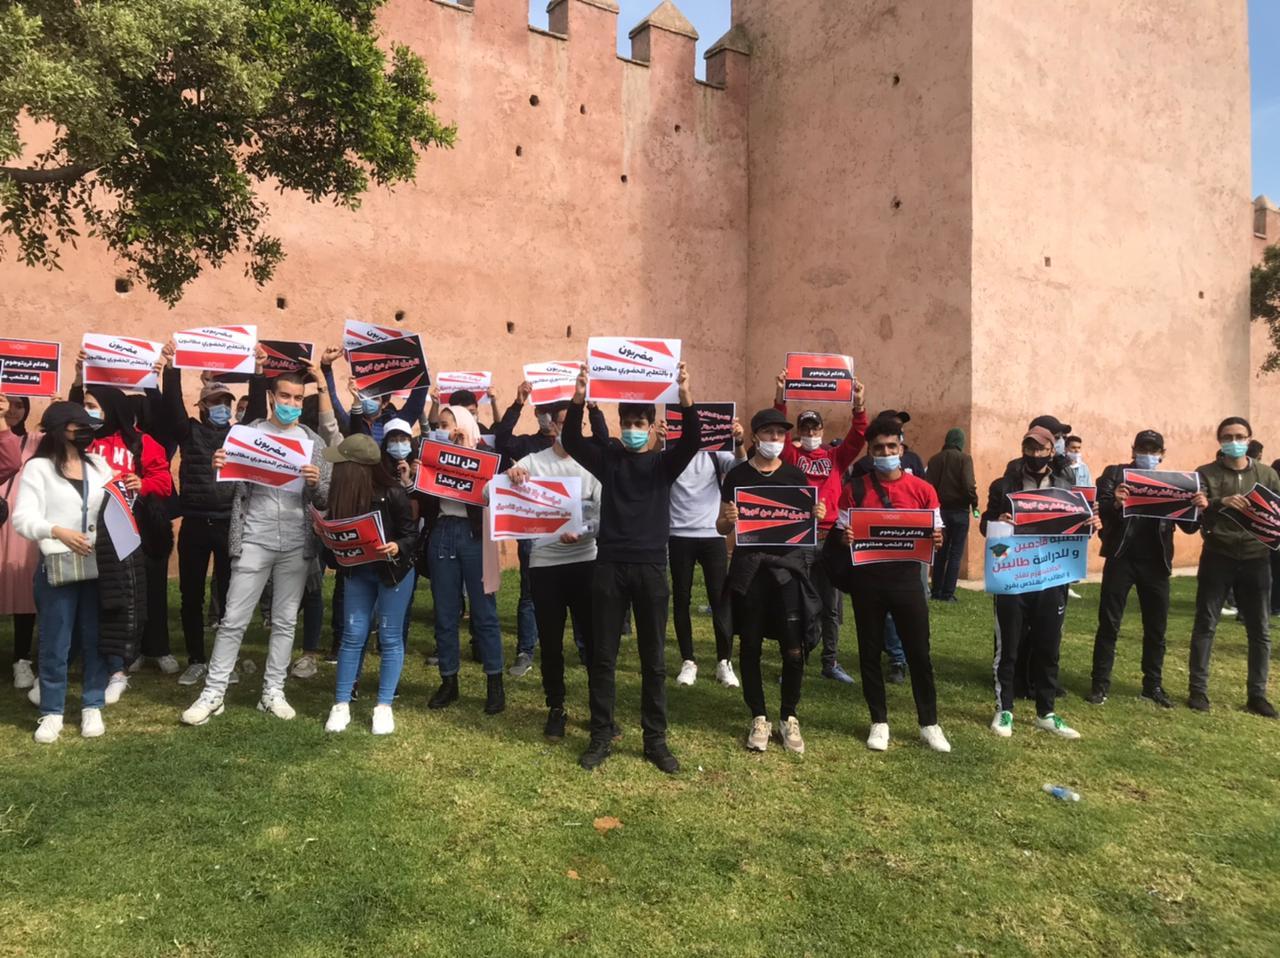 طلبة المدارس العليا يحتجون أمام الوزارة الوصية بالرباط